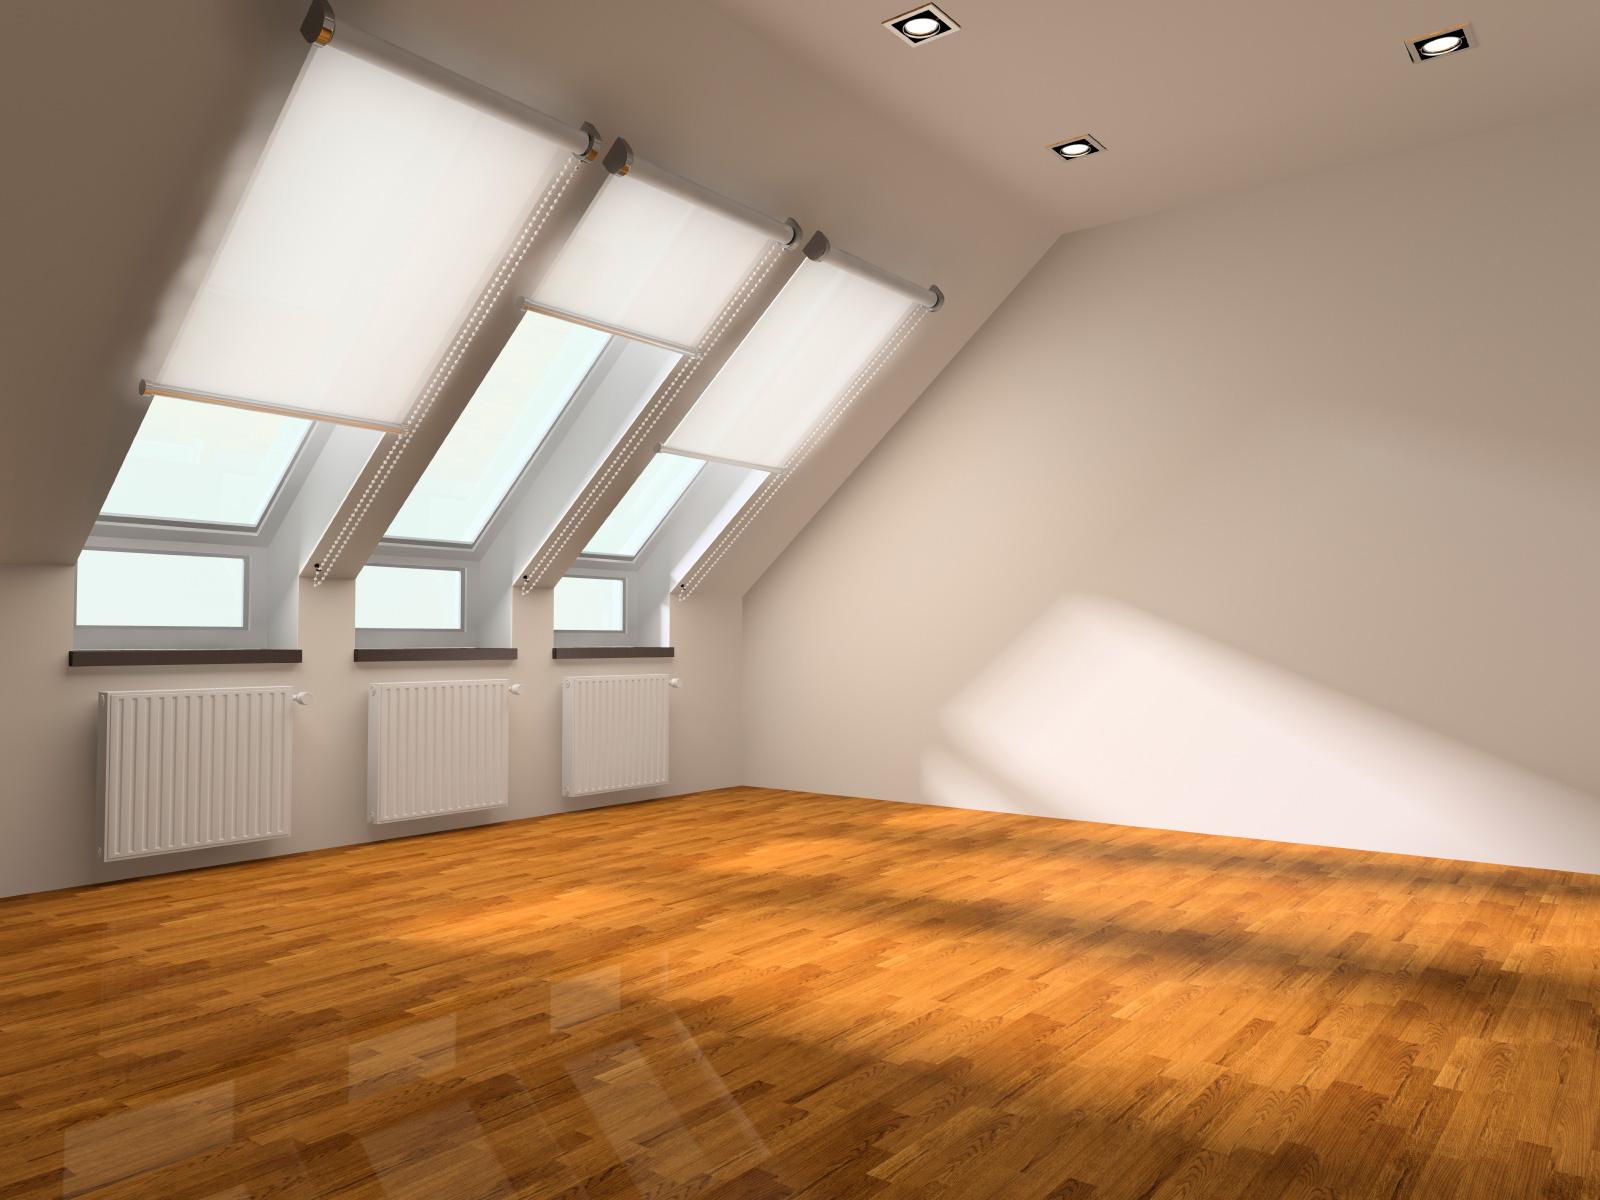 die einrichtung eines schlafzimmers mit dachschr ge planen lebensart ambiente. Black Bedroom Furniture Sets. Home Design Ideas